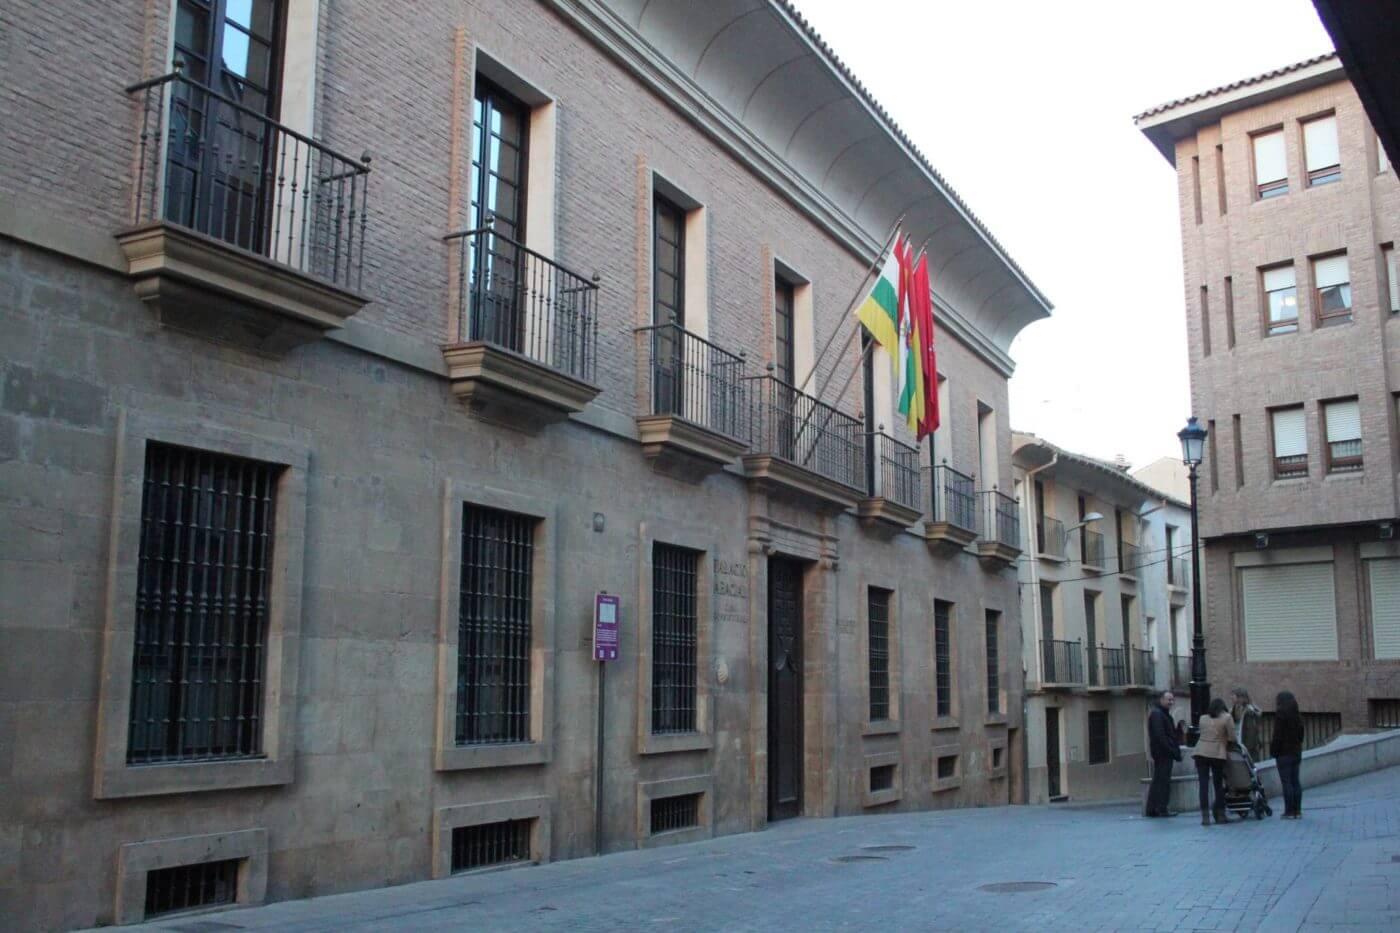 El ayuntamiento de Alfaro volverá a atender presencialmente al público a partir del lunes 15 de mayo, con cita previa y obligación de llevar mascarilla